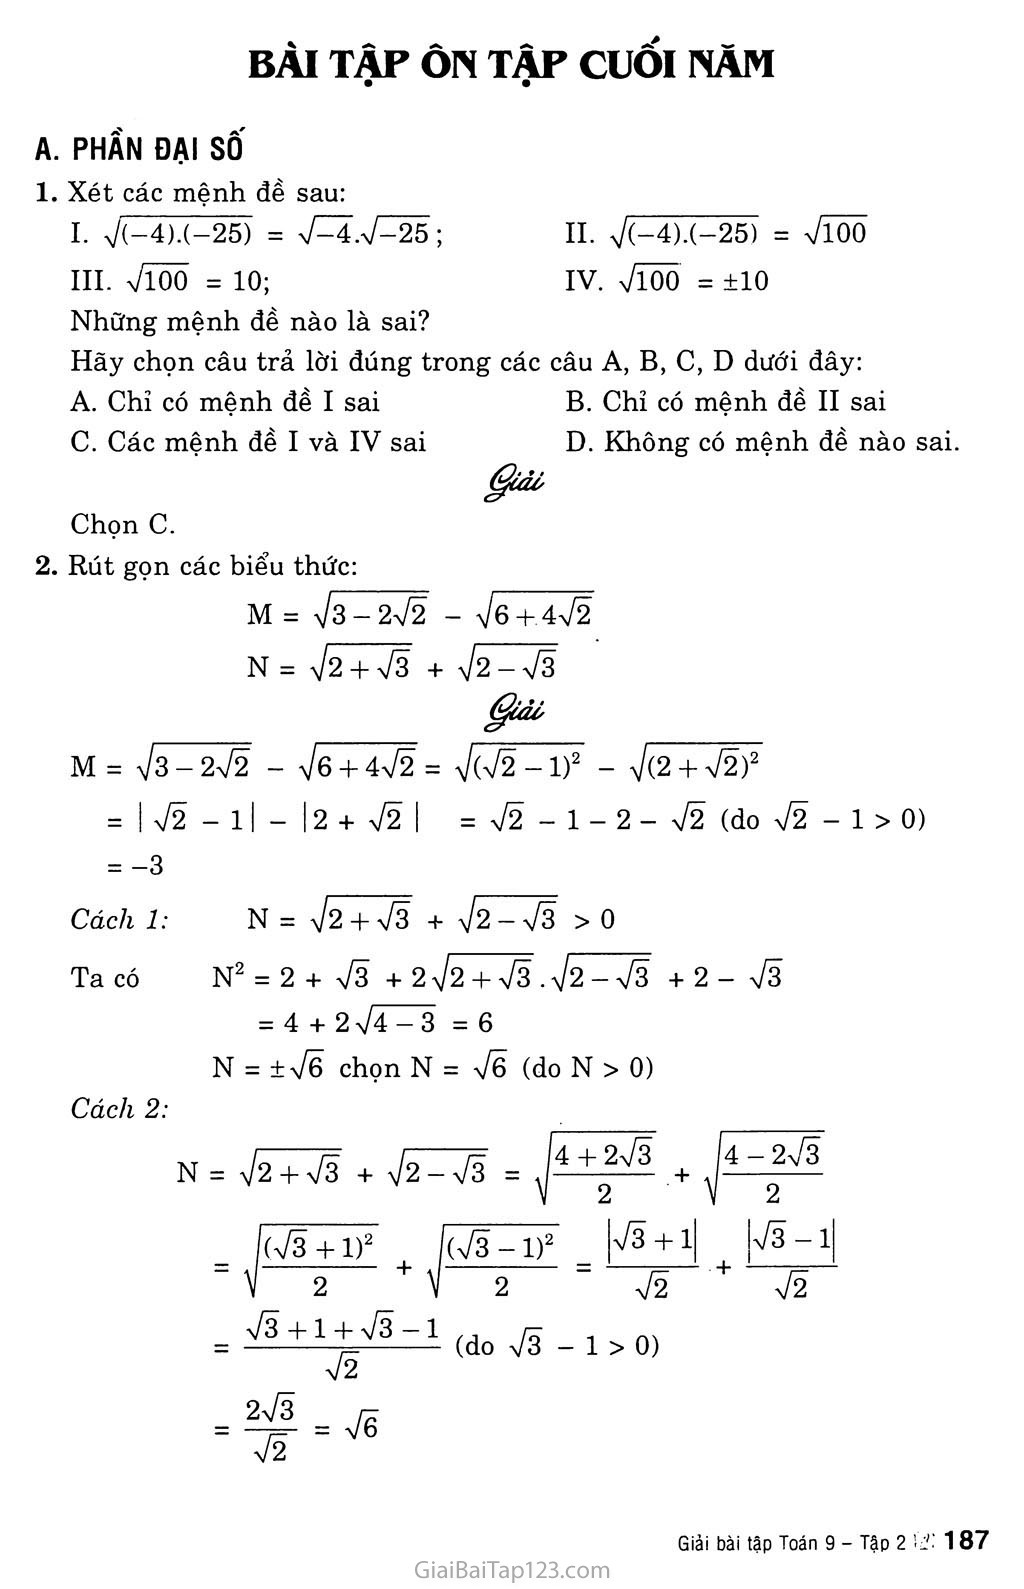 Bài tập ôn cuối năm trang 1